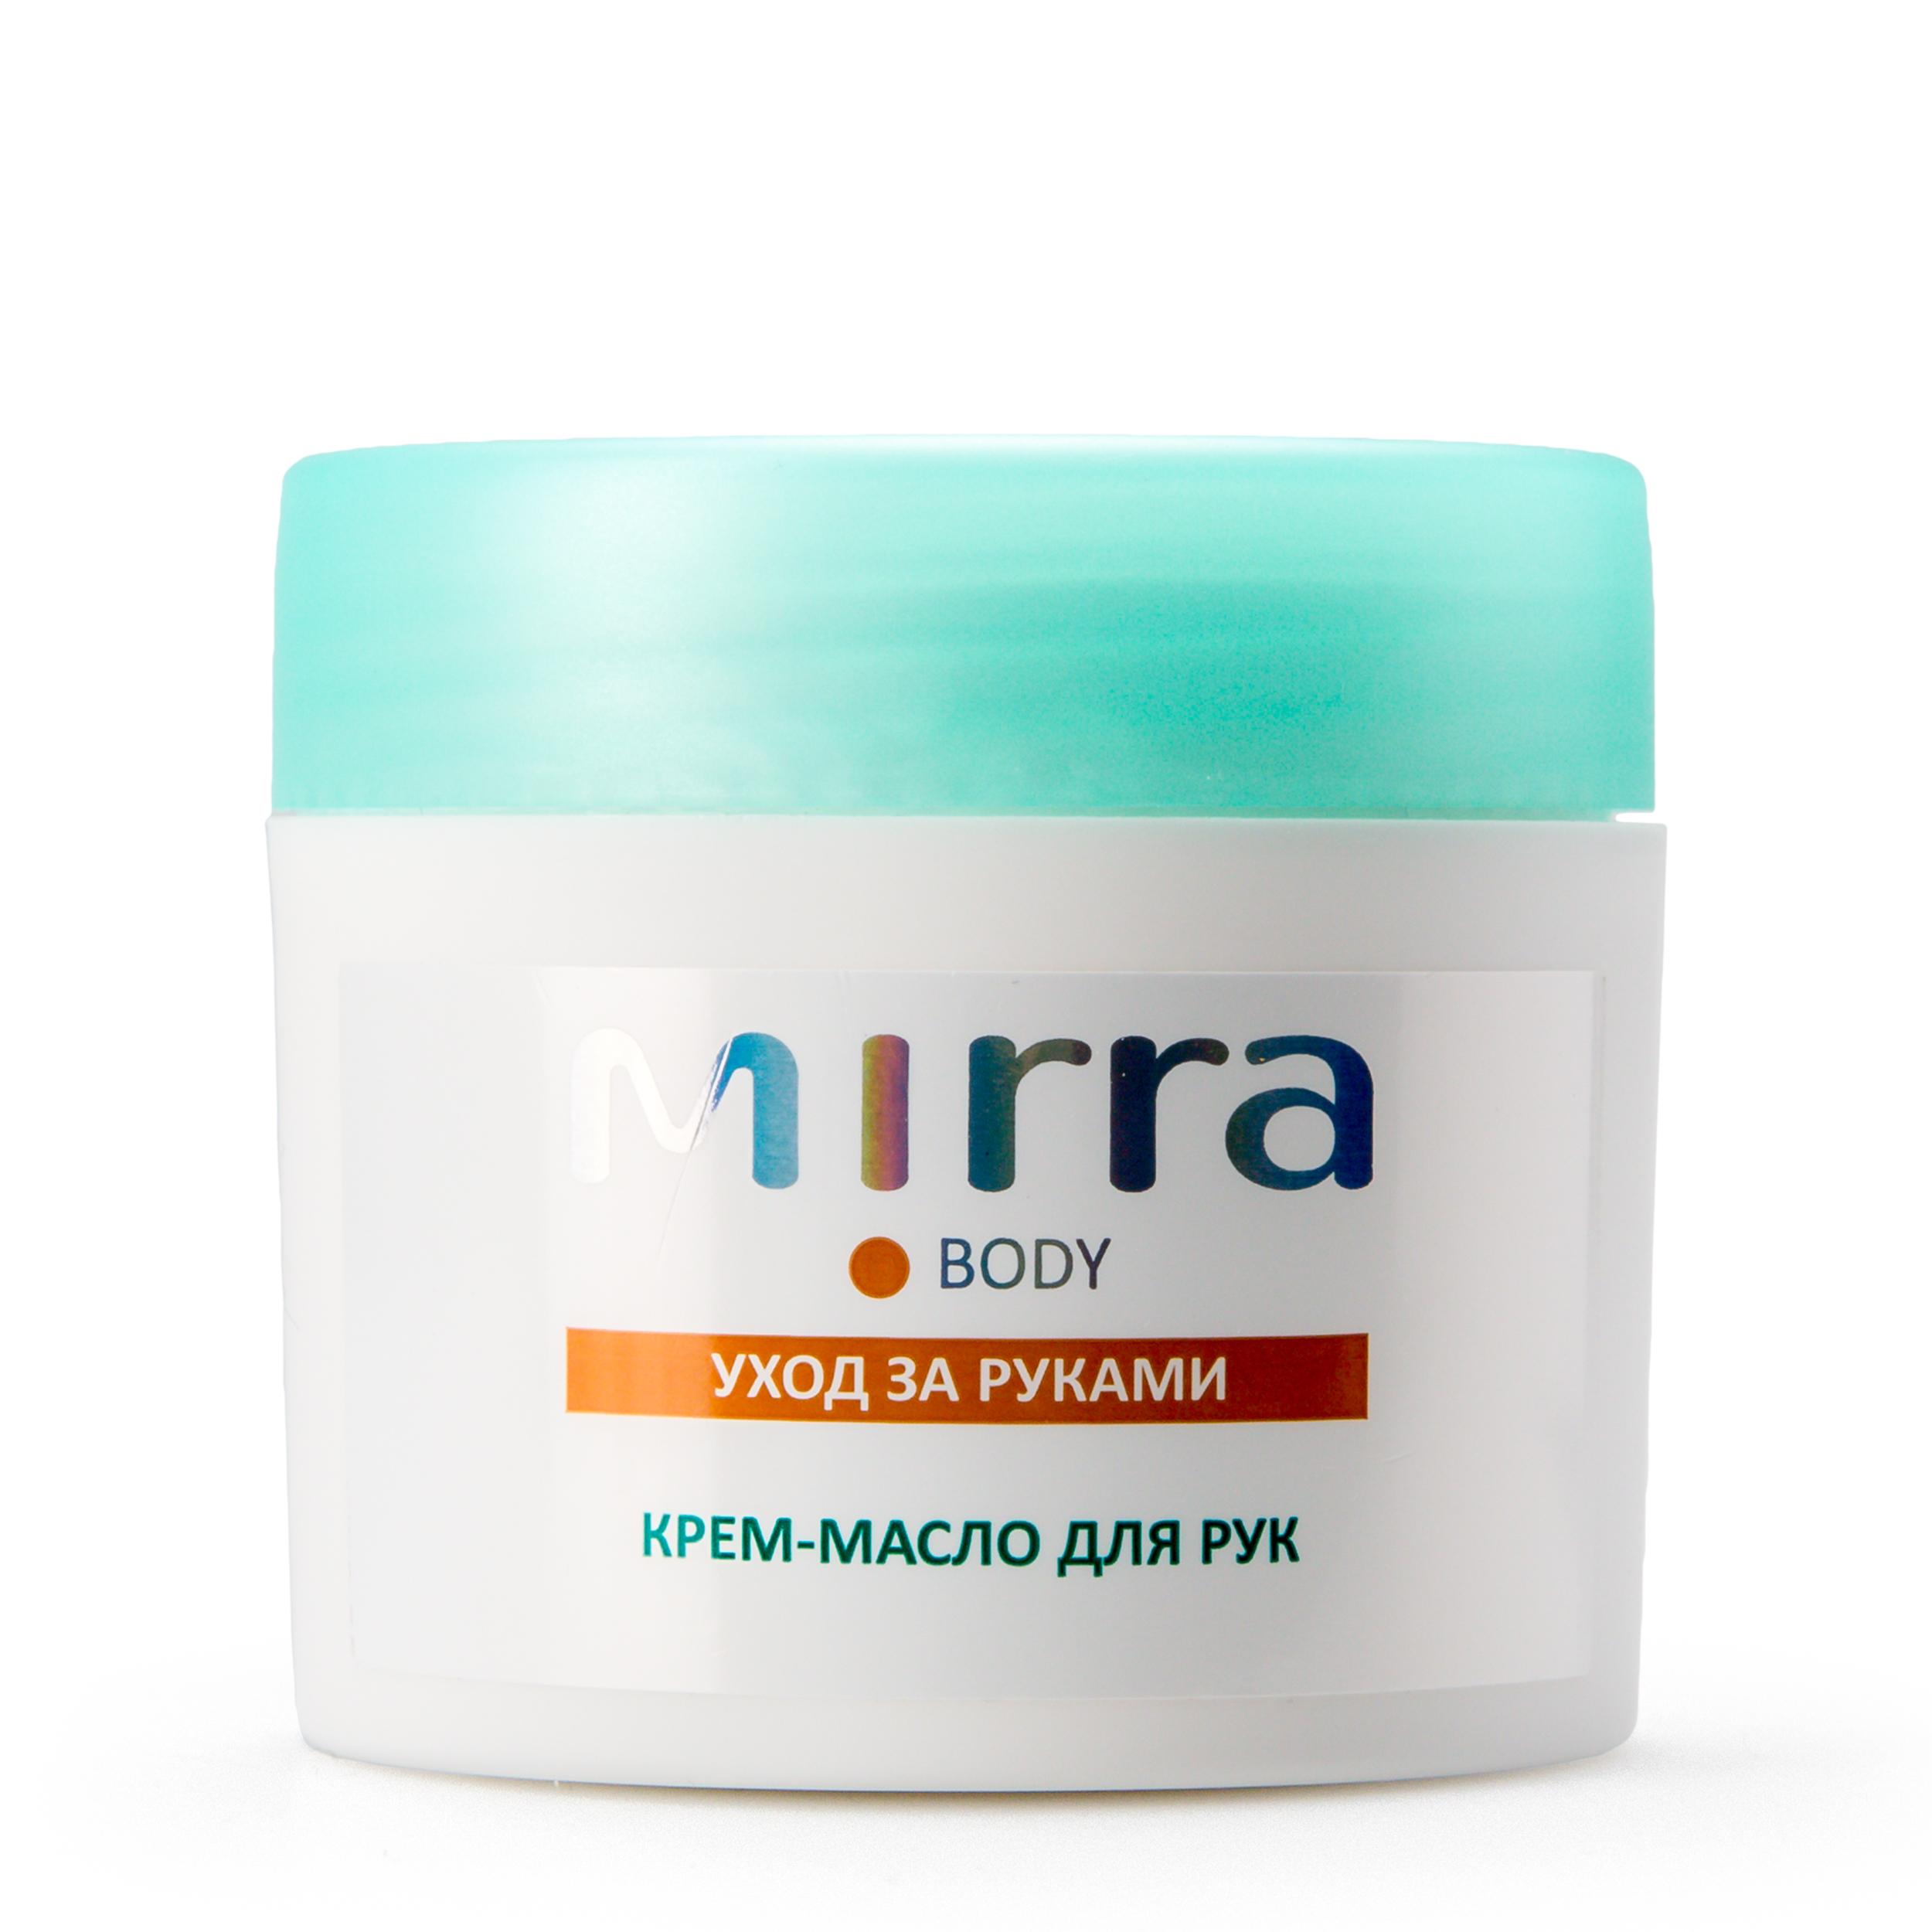 Купить Mirra Крем-масло для рук 50 мл